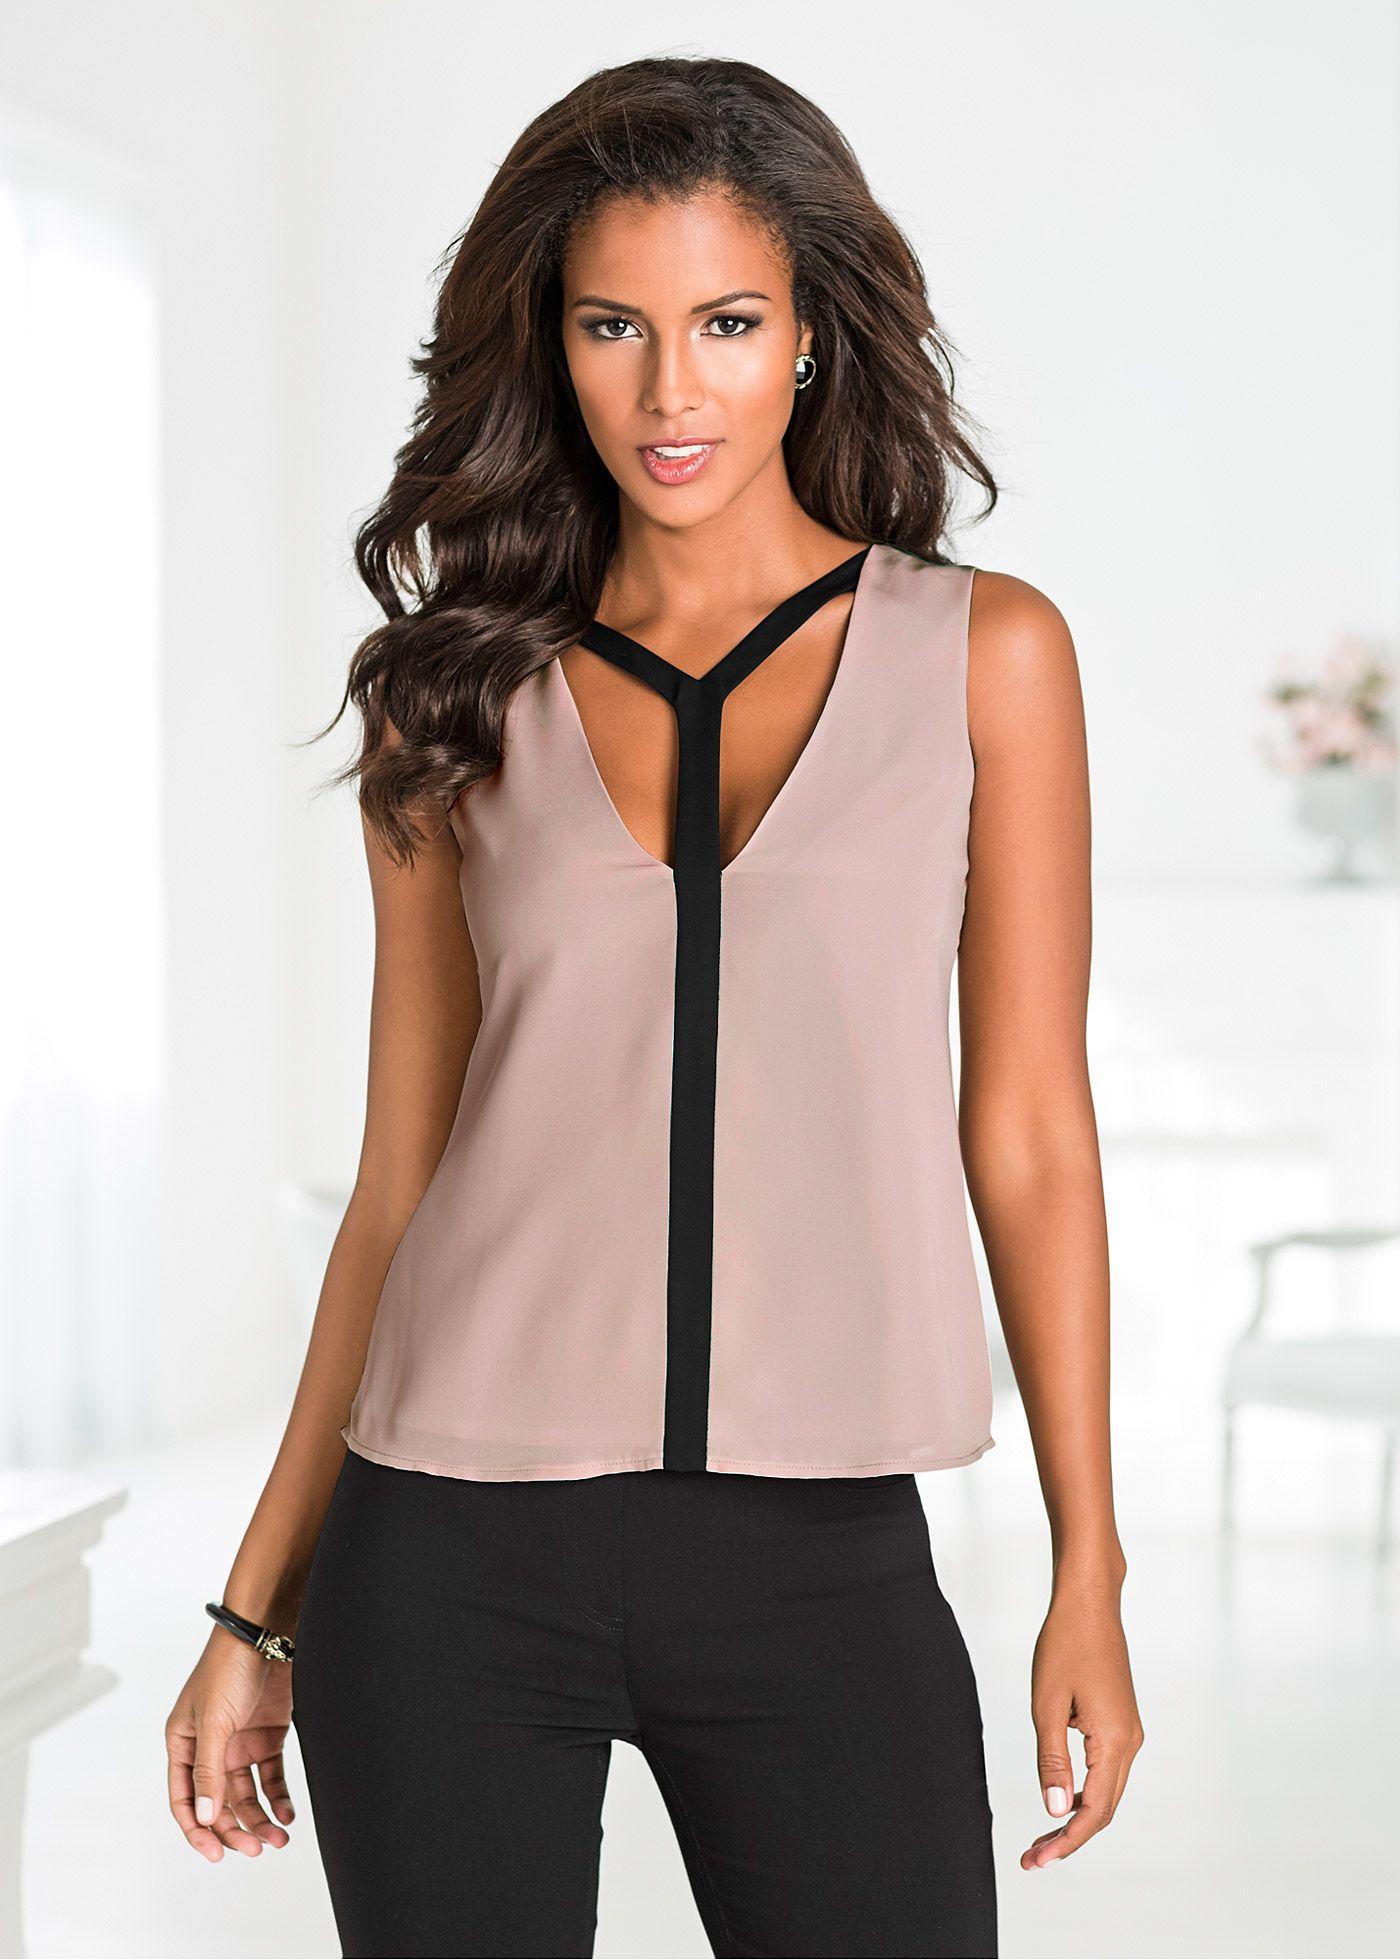 4140b8c40 Blusa sem manga decote V bege encomendar agora na loja on-line bonprix.de  R$ 69,90 a partir de Linda blusa sem manga, com detalhe de recorte na  frente, .